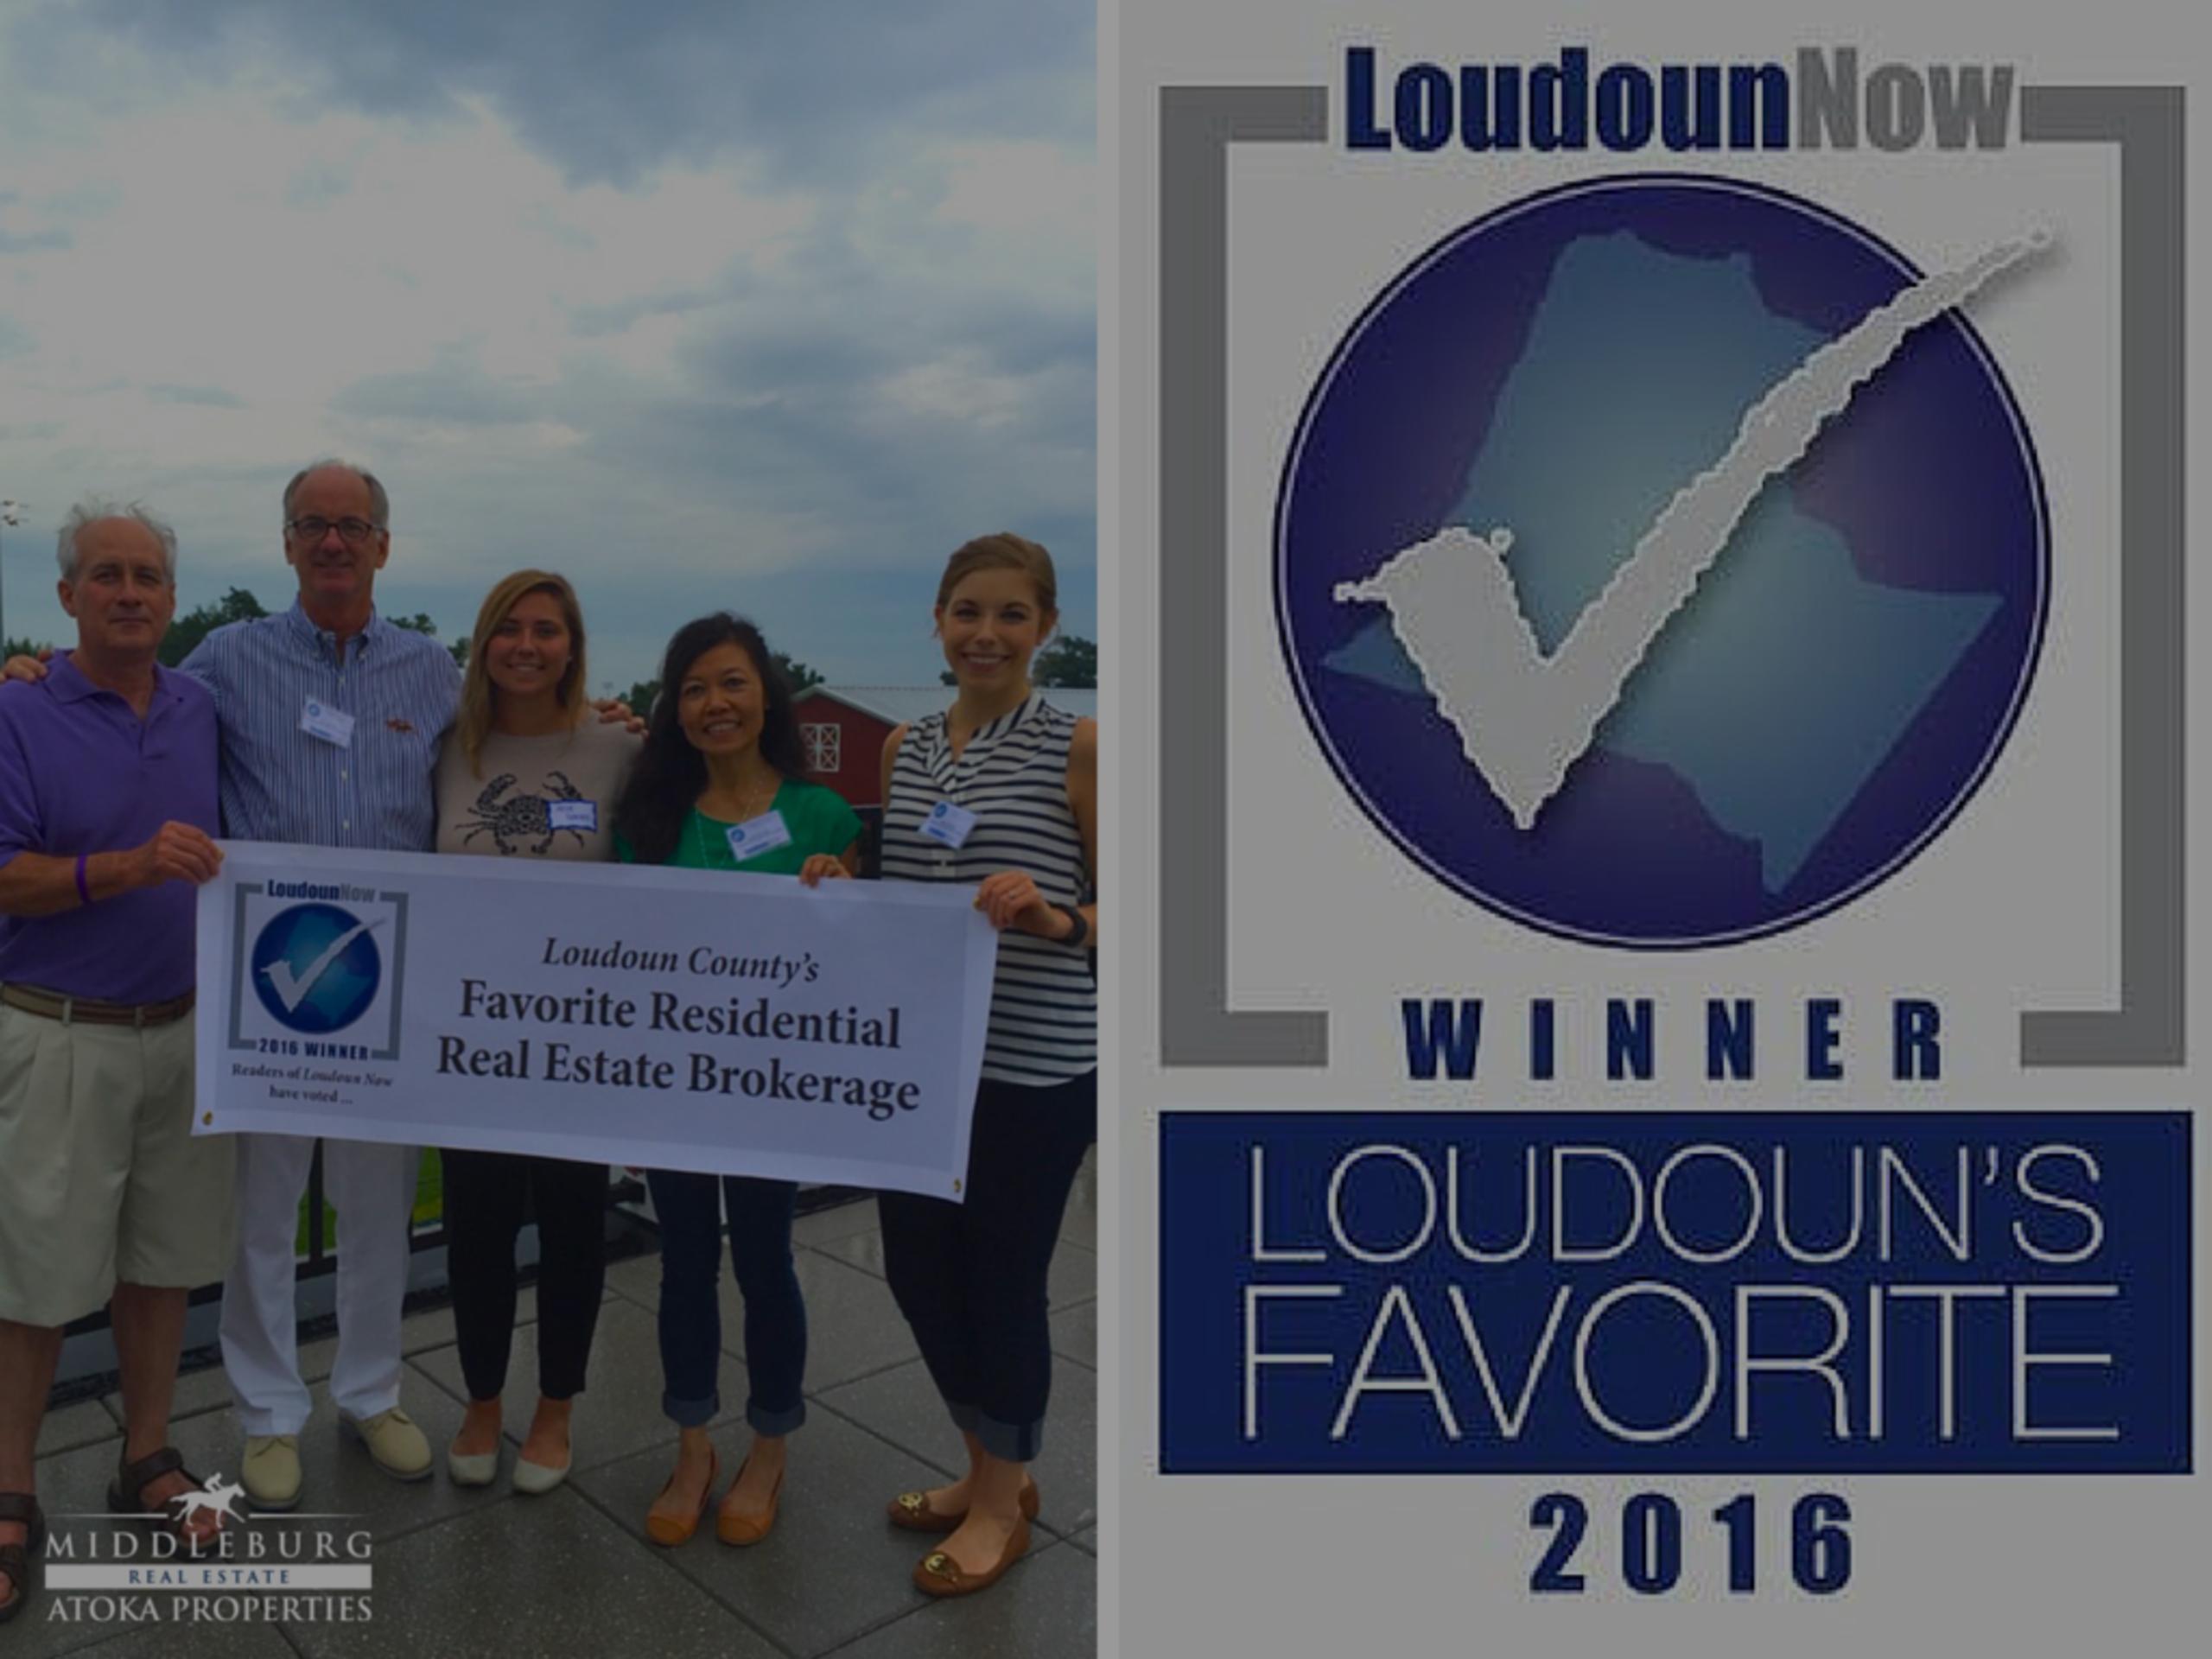 Loudoun's Favorite 2016 Residential Real Estate Brokerage!